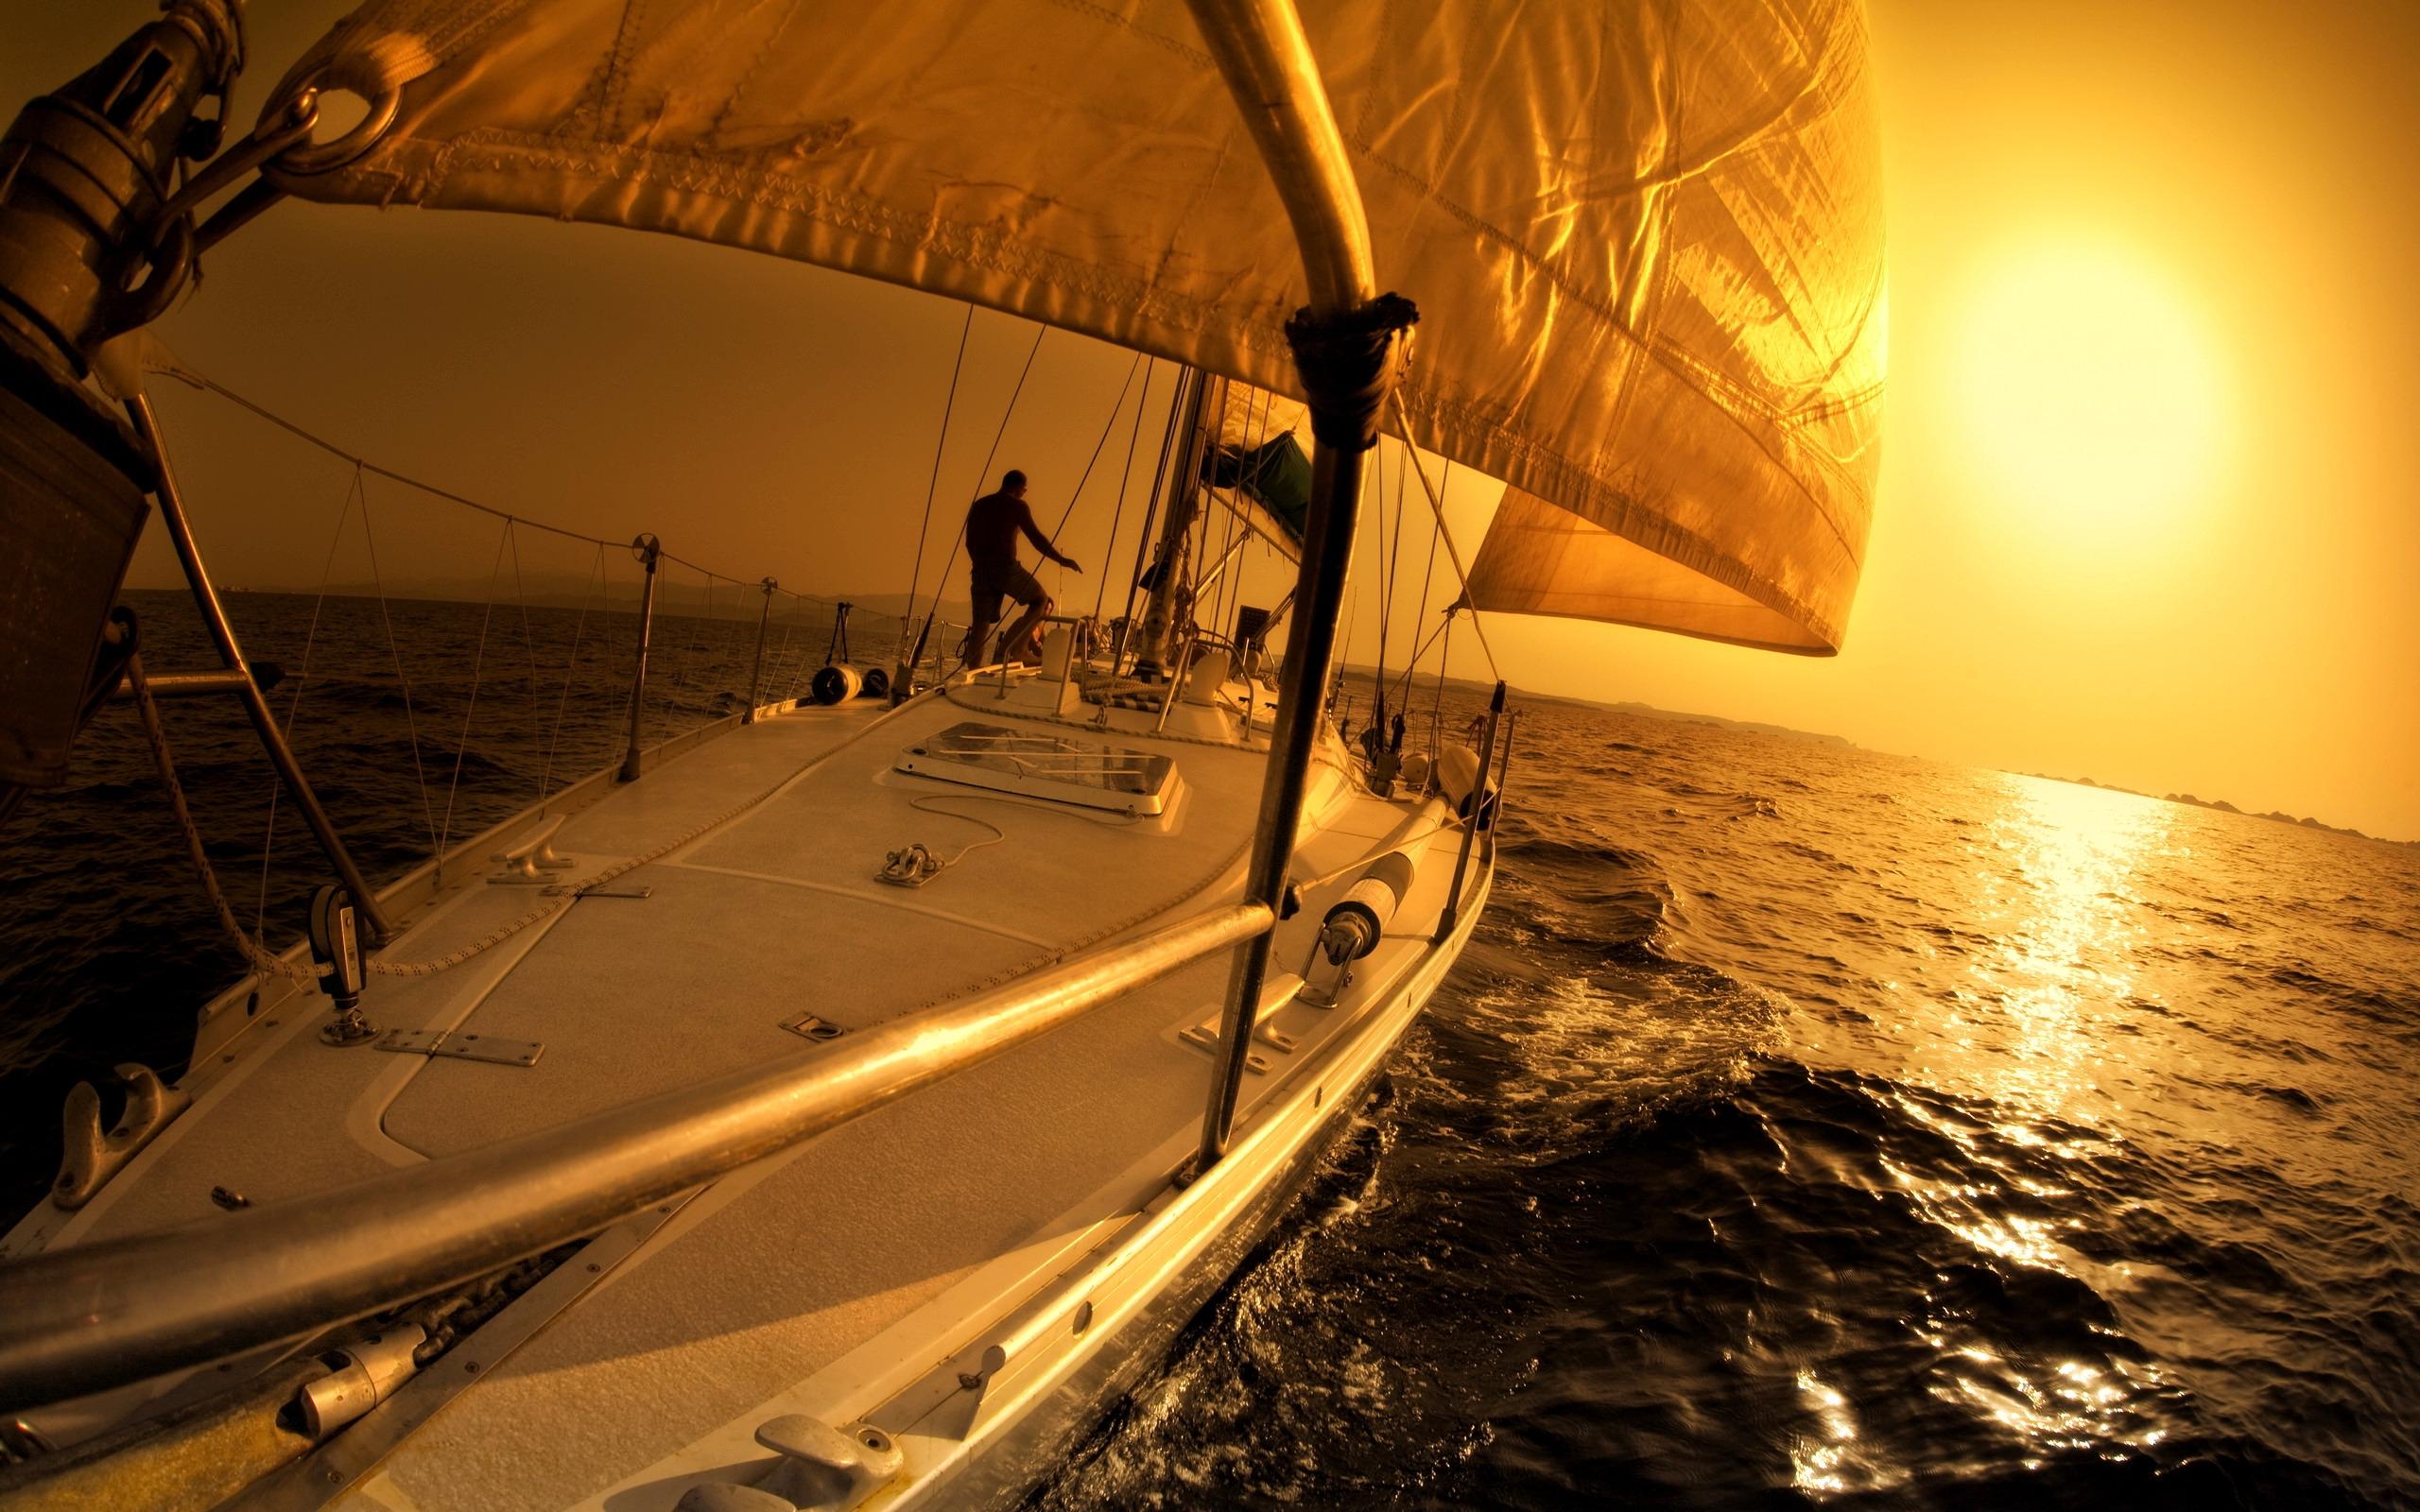 sailboat sunset widescreen wallpaper 51559